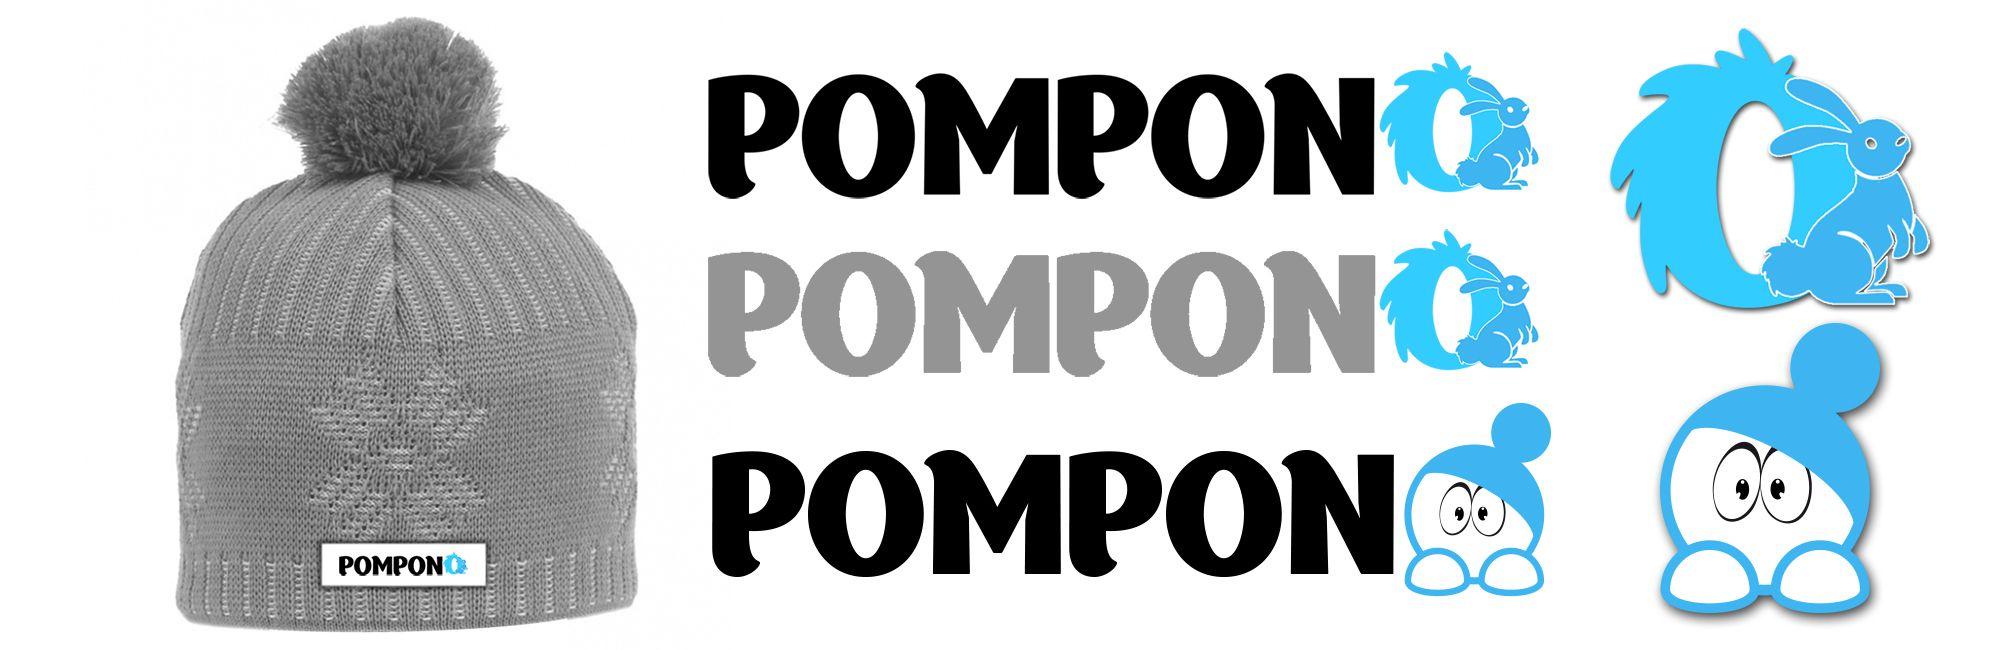 Логотип для шапок Pompono - дизайнер MILO_group_desi